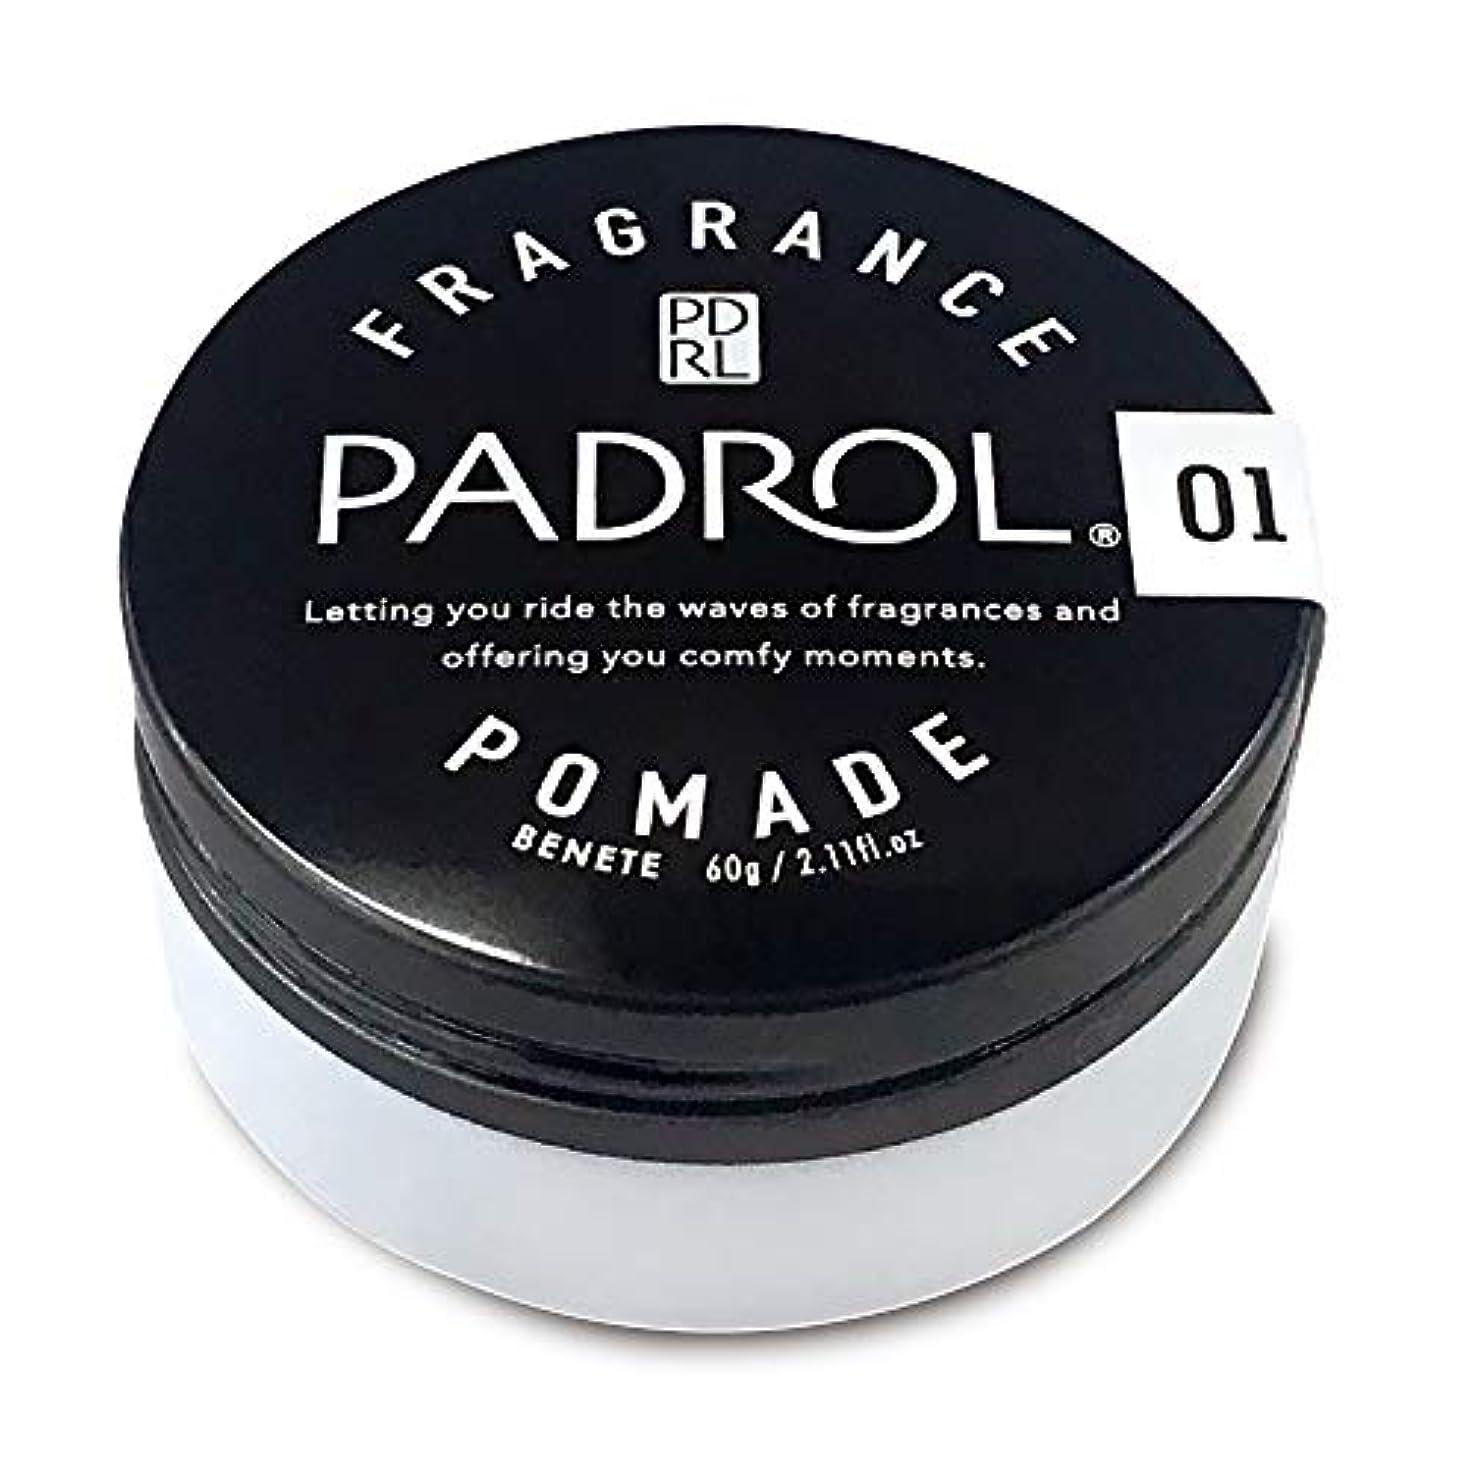 潜在的な魂代わりにを立てるノルコーポレーション ポマード パドロール 日本製 PAD-10-01 ホワイトムスクの香り 60g